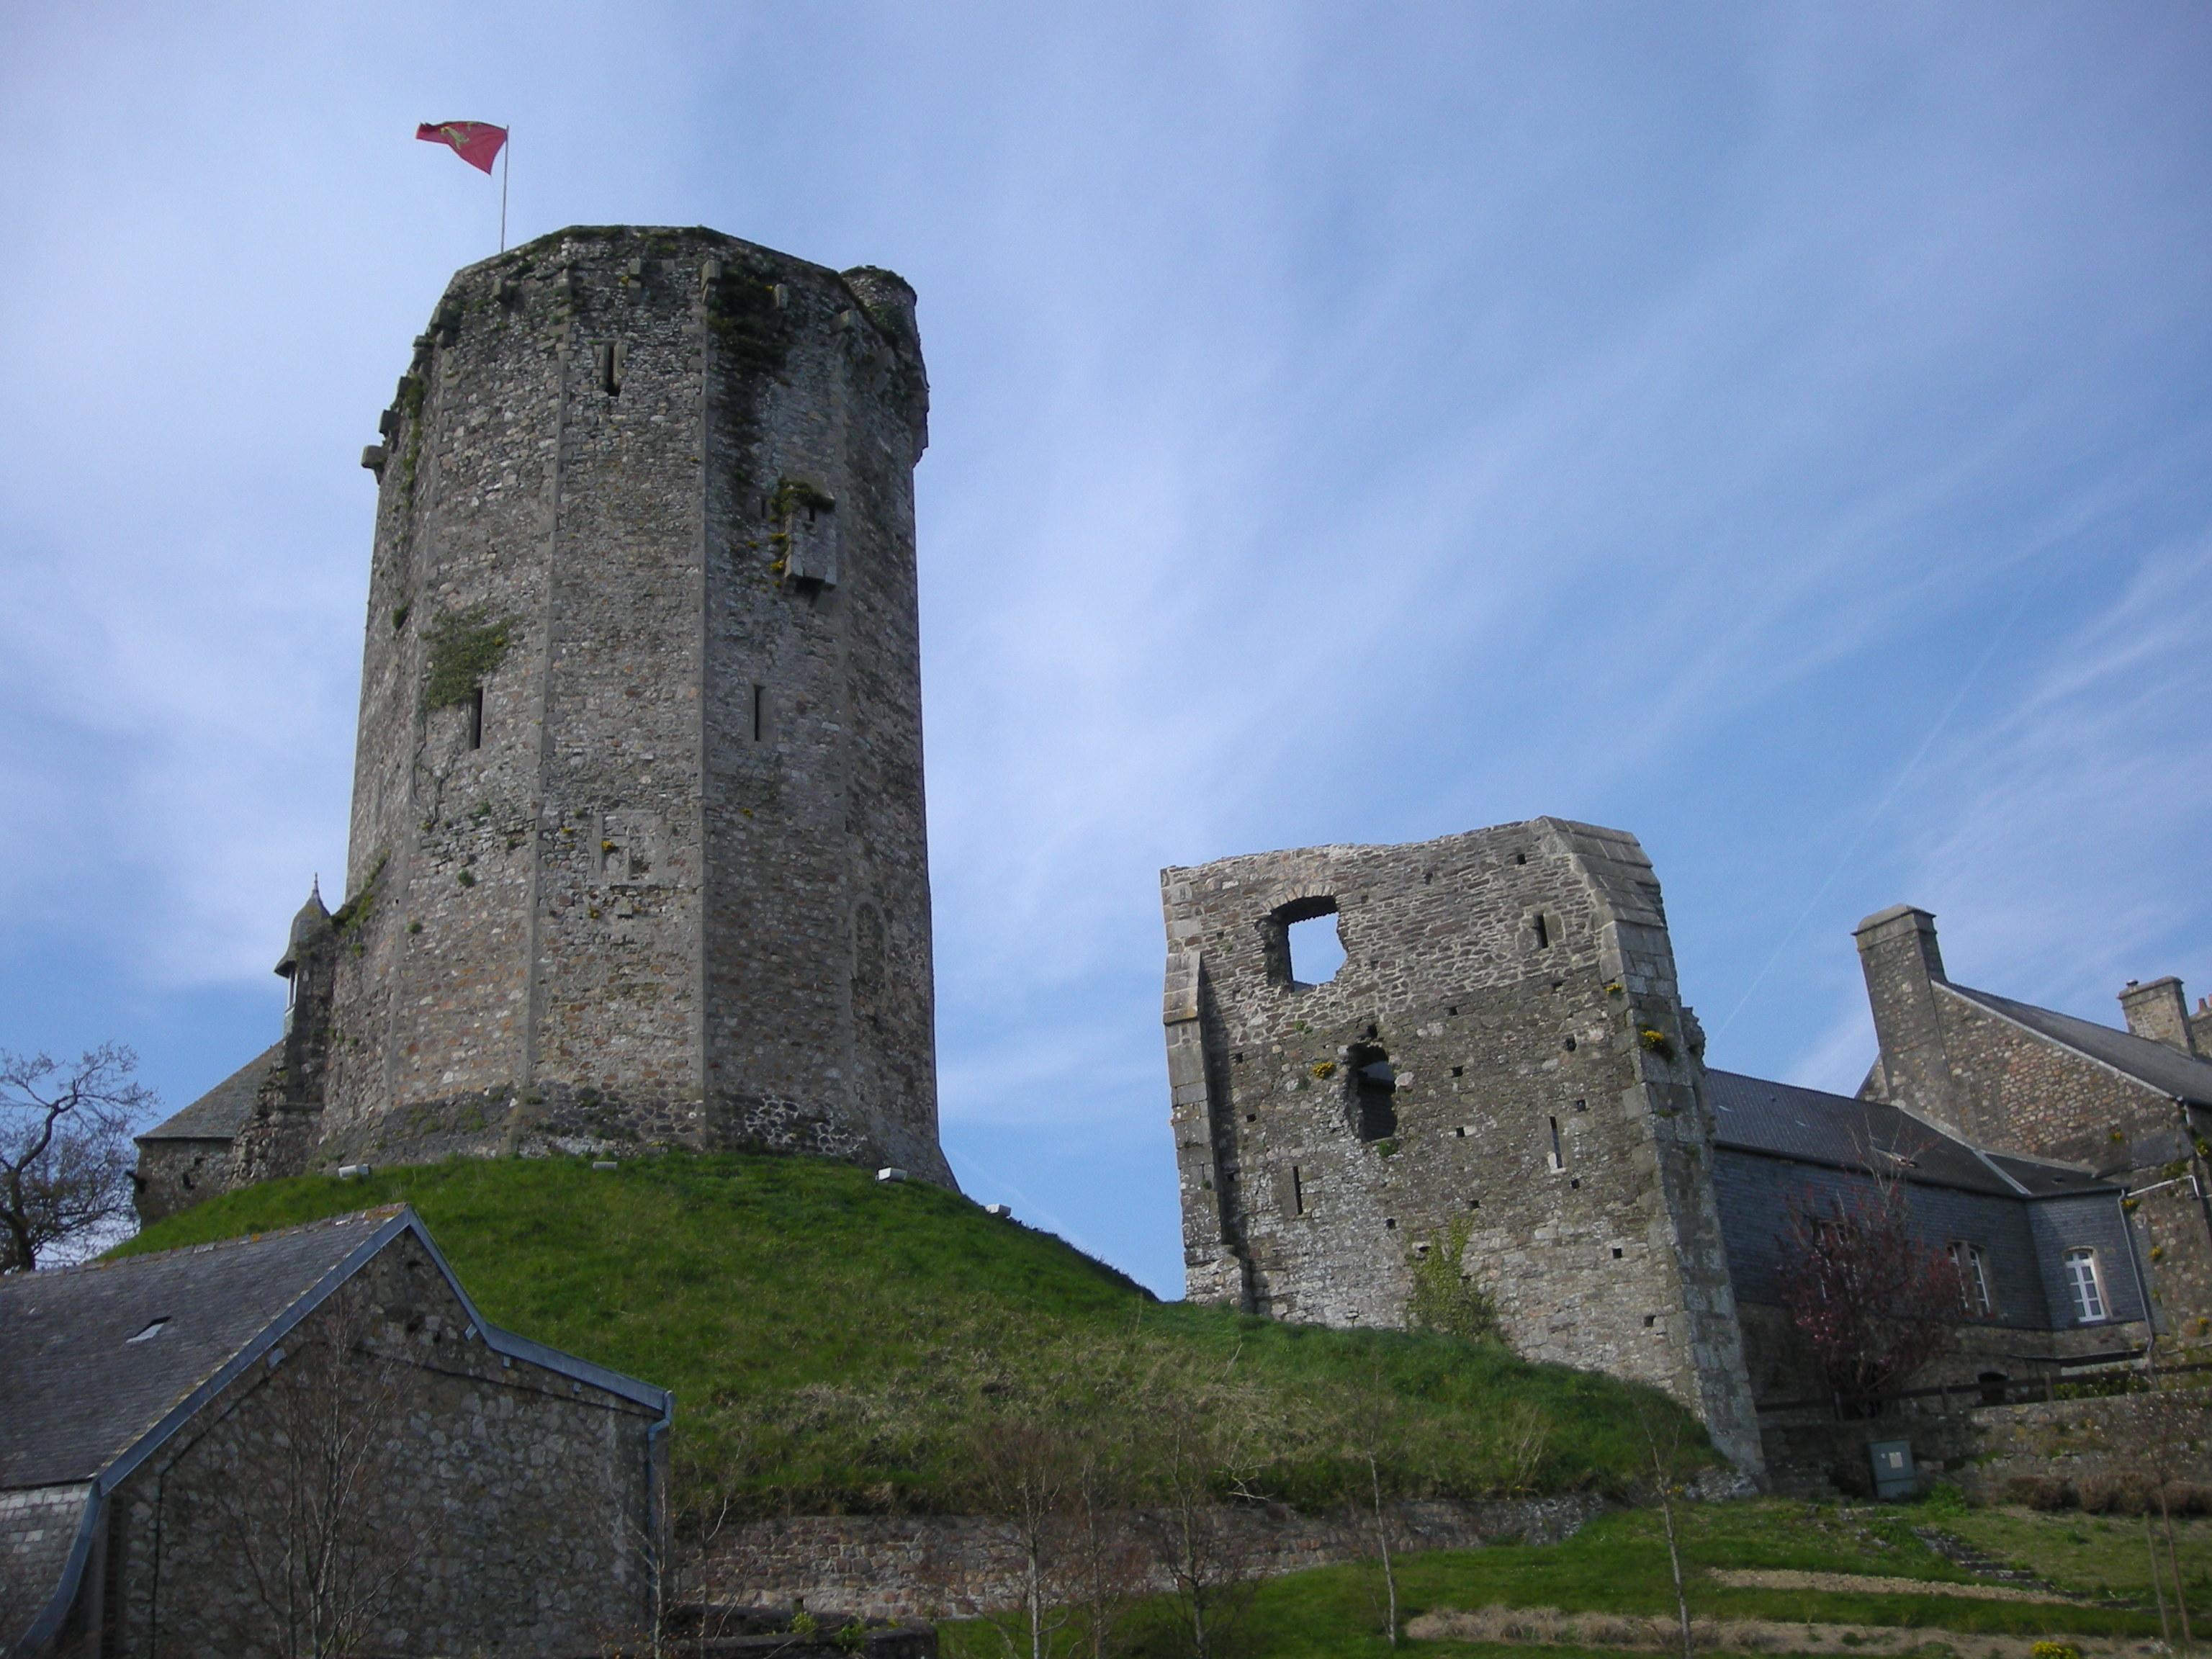 le château de Bricquebec  dans le château de Bricquebec